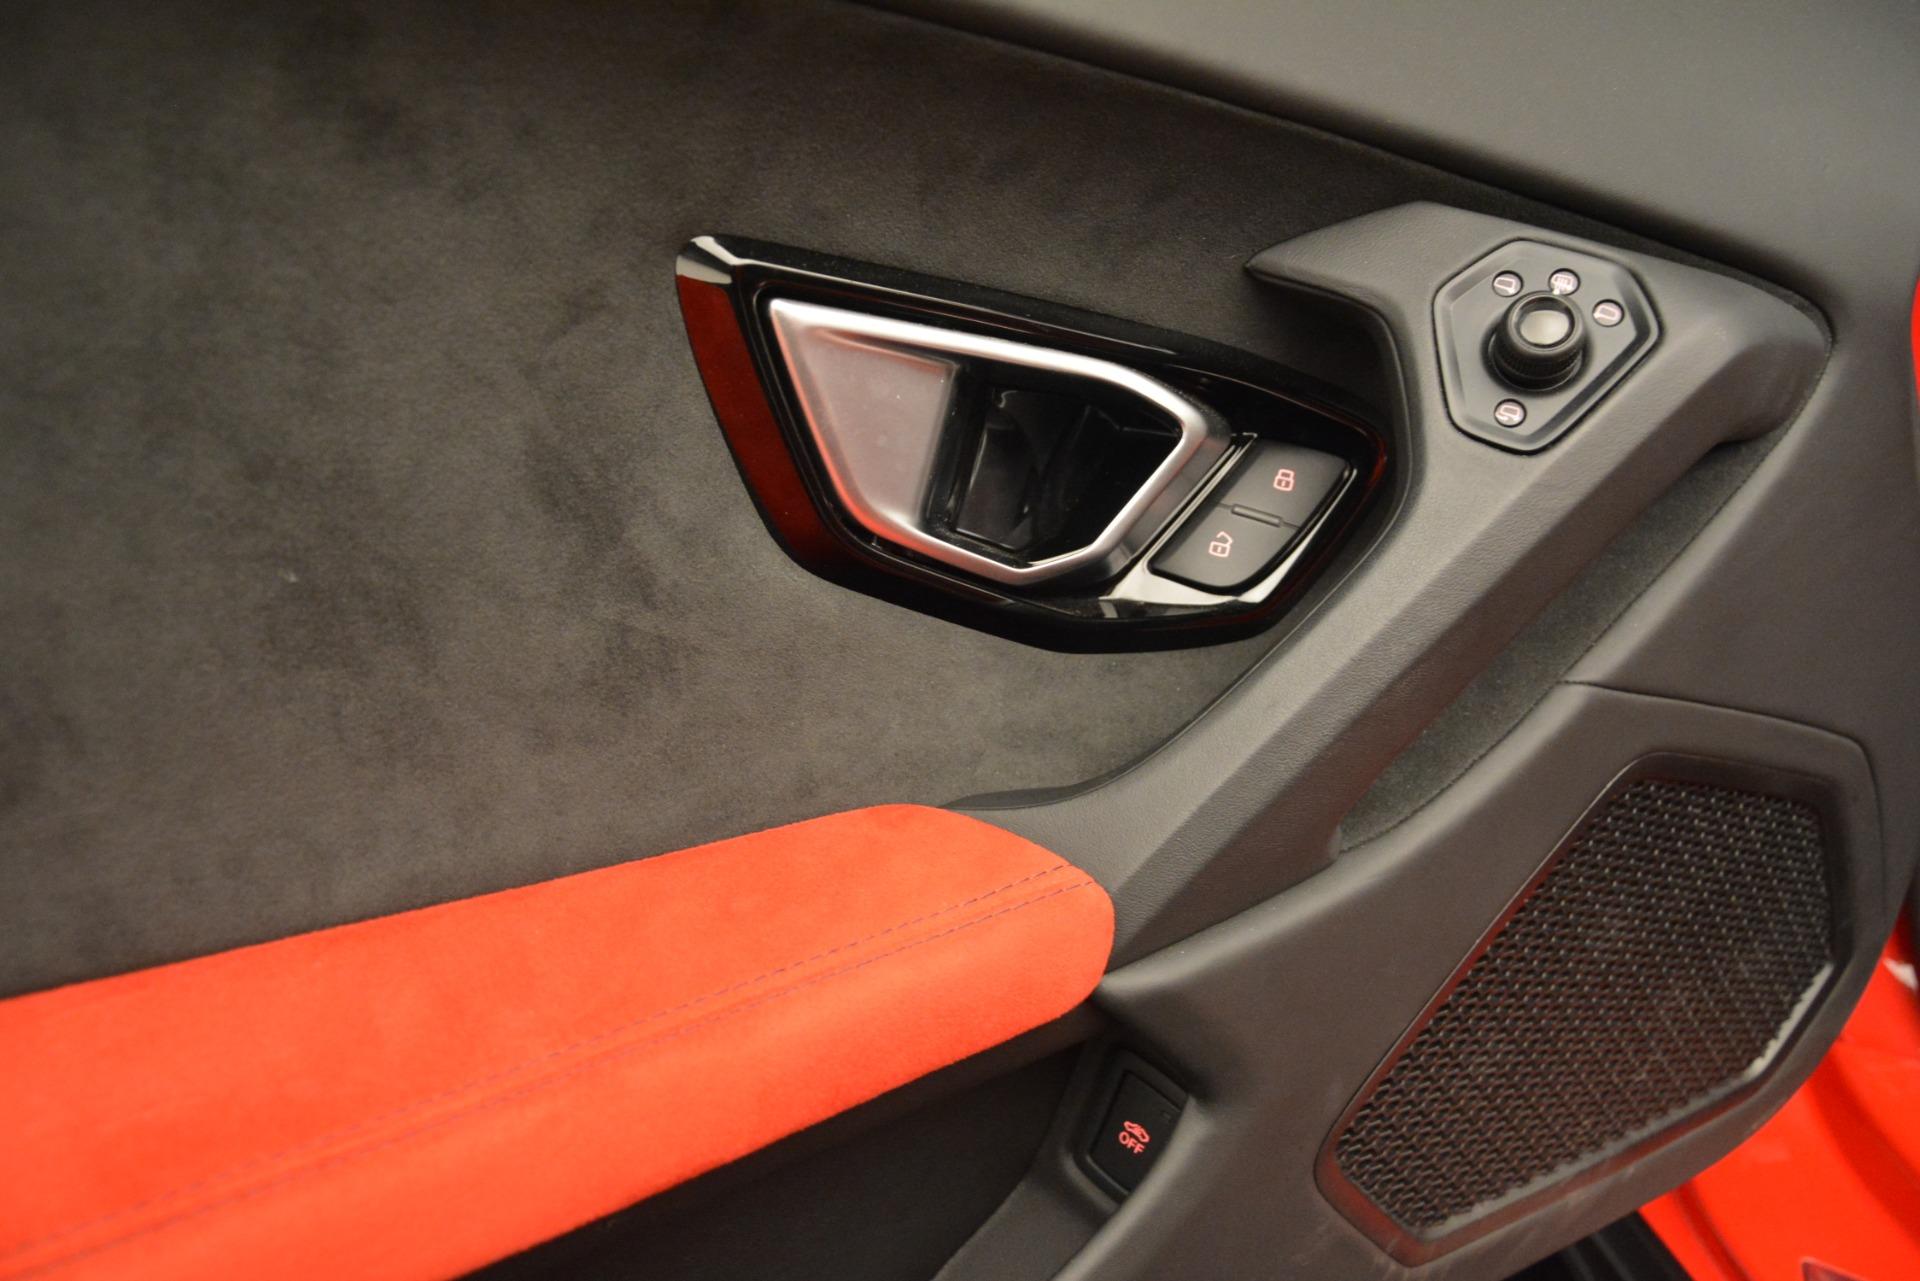 Used 2017 Lamborghini Huracan LP 610-4 Spyder For Sale In Westport, CT 3270_p21